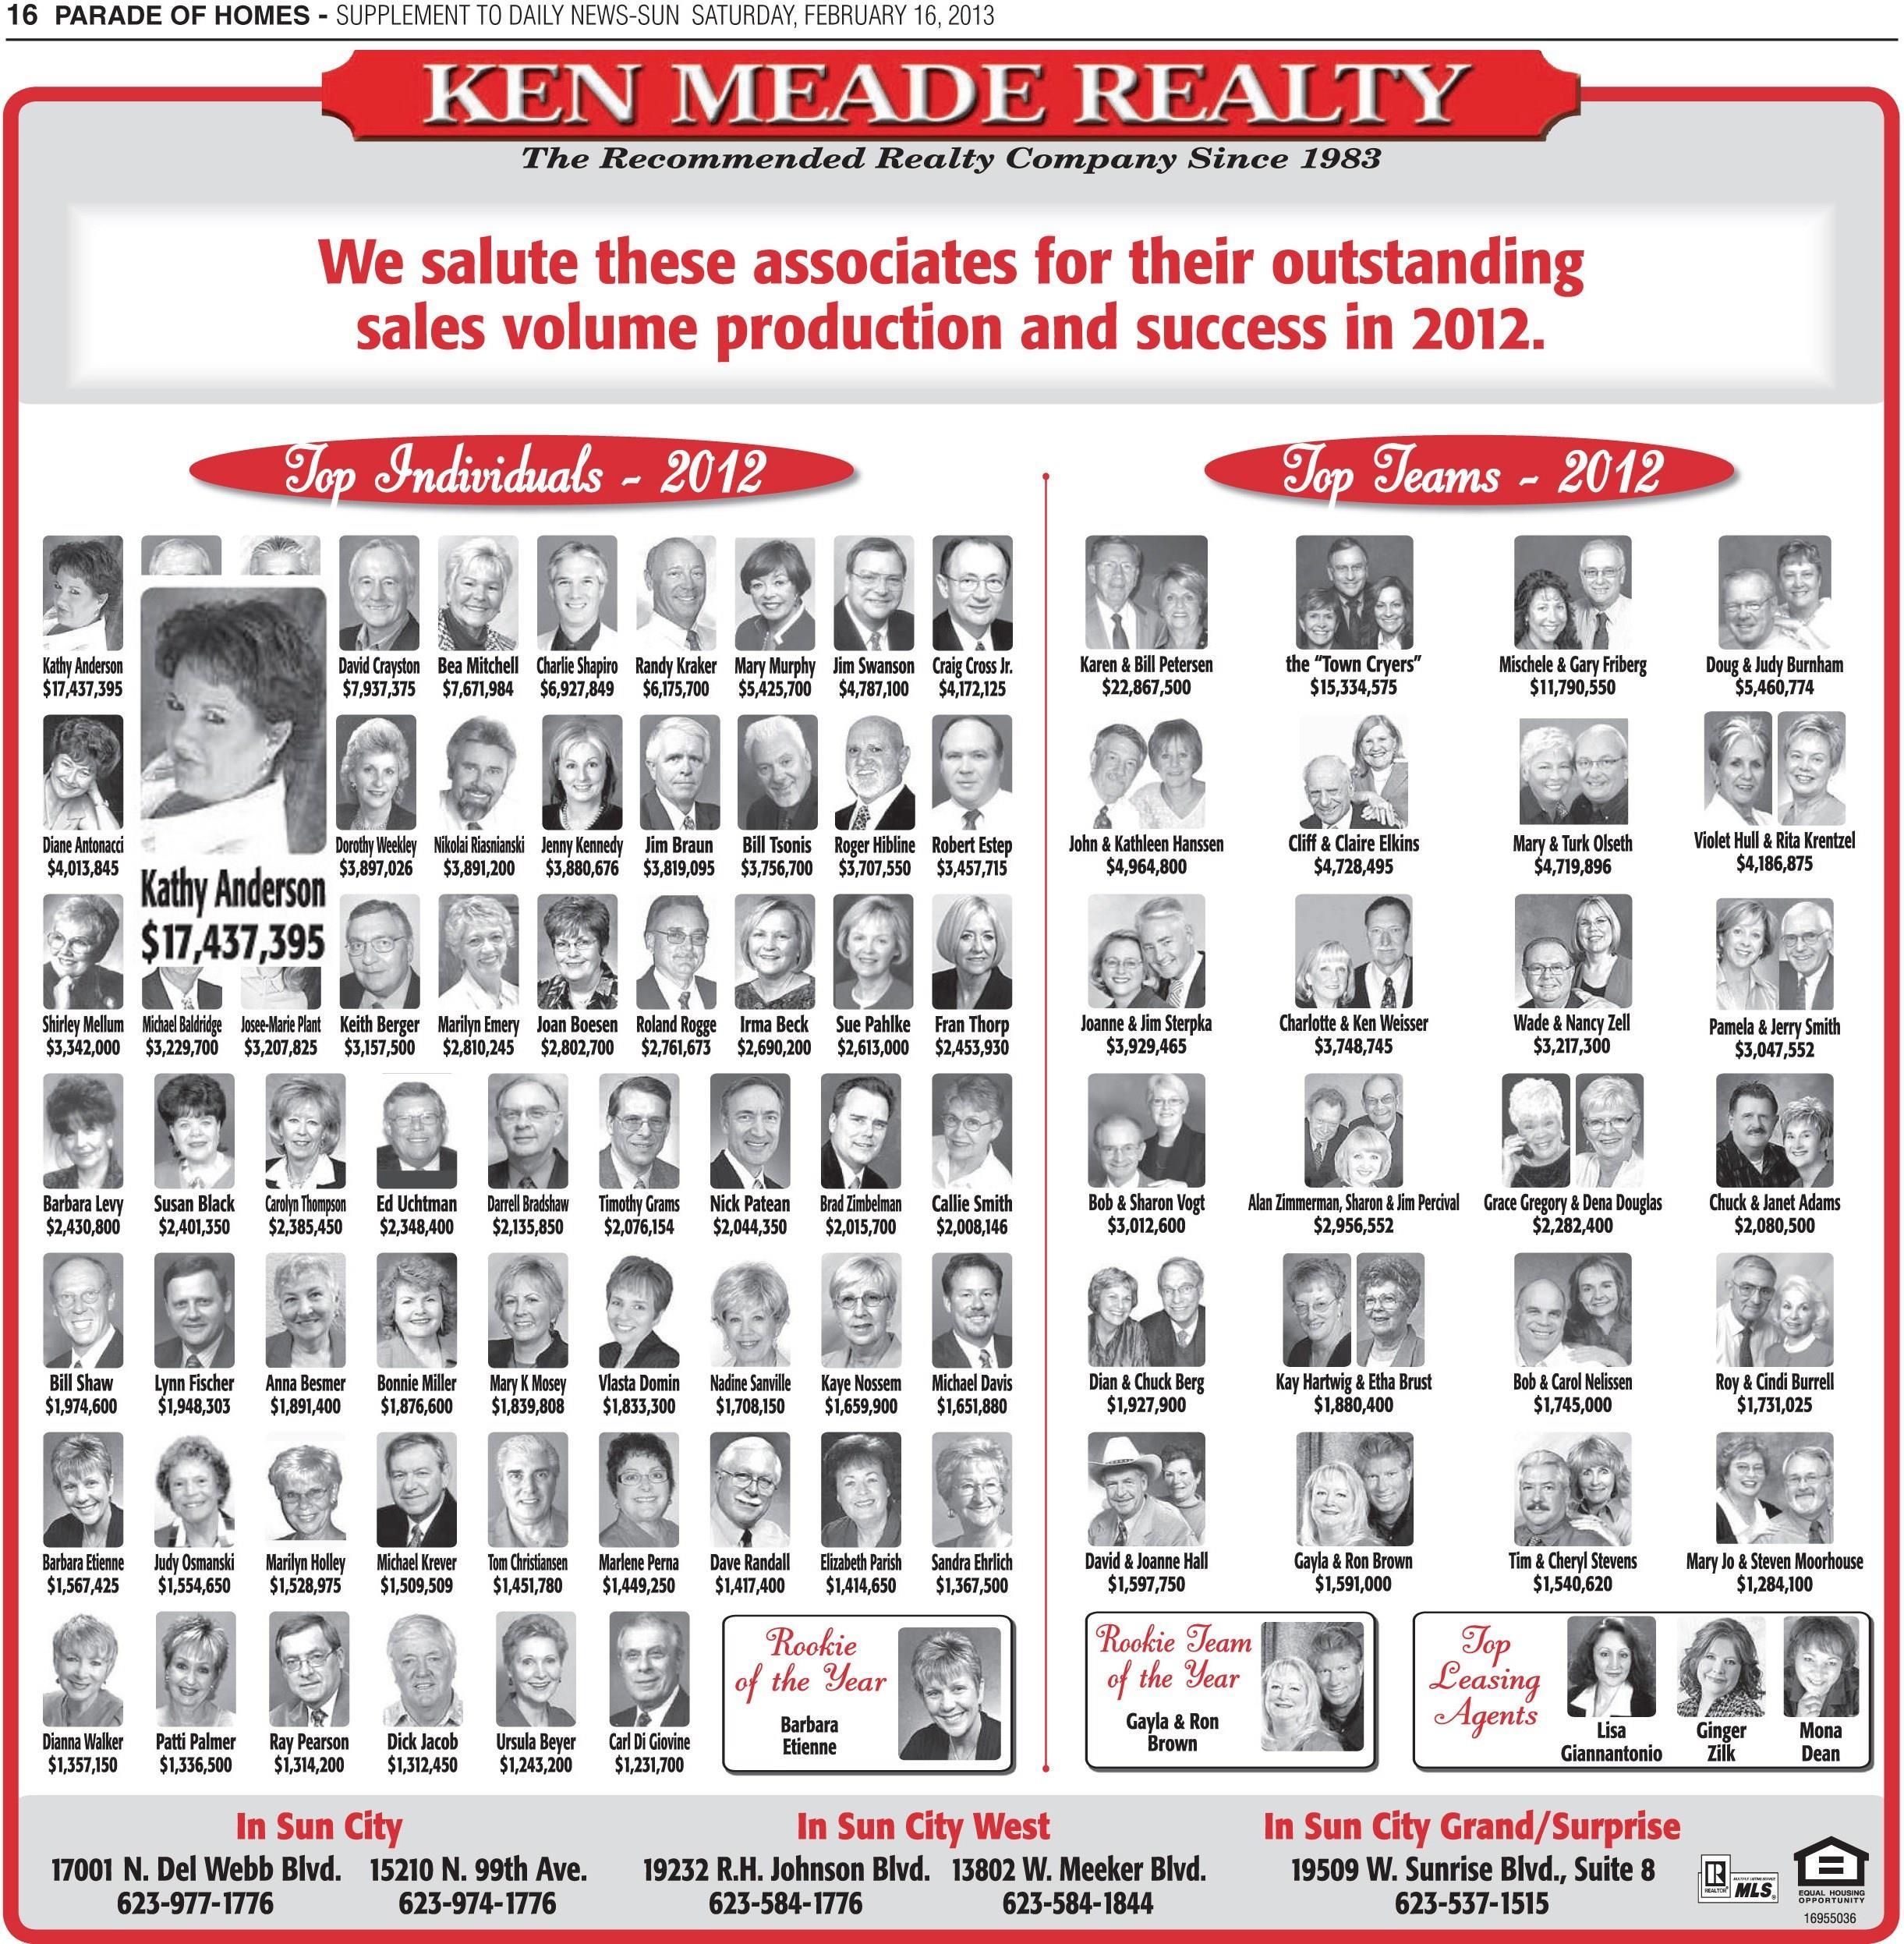 Top Ken Meade Realty Realtor agents